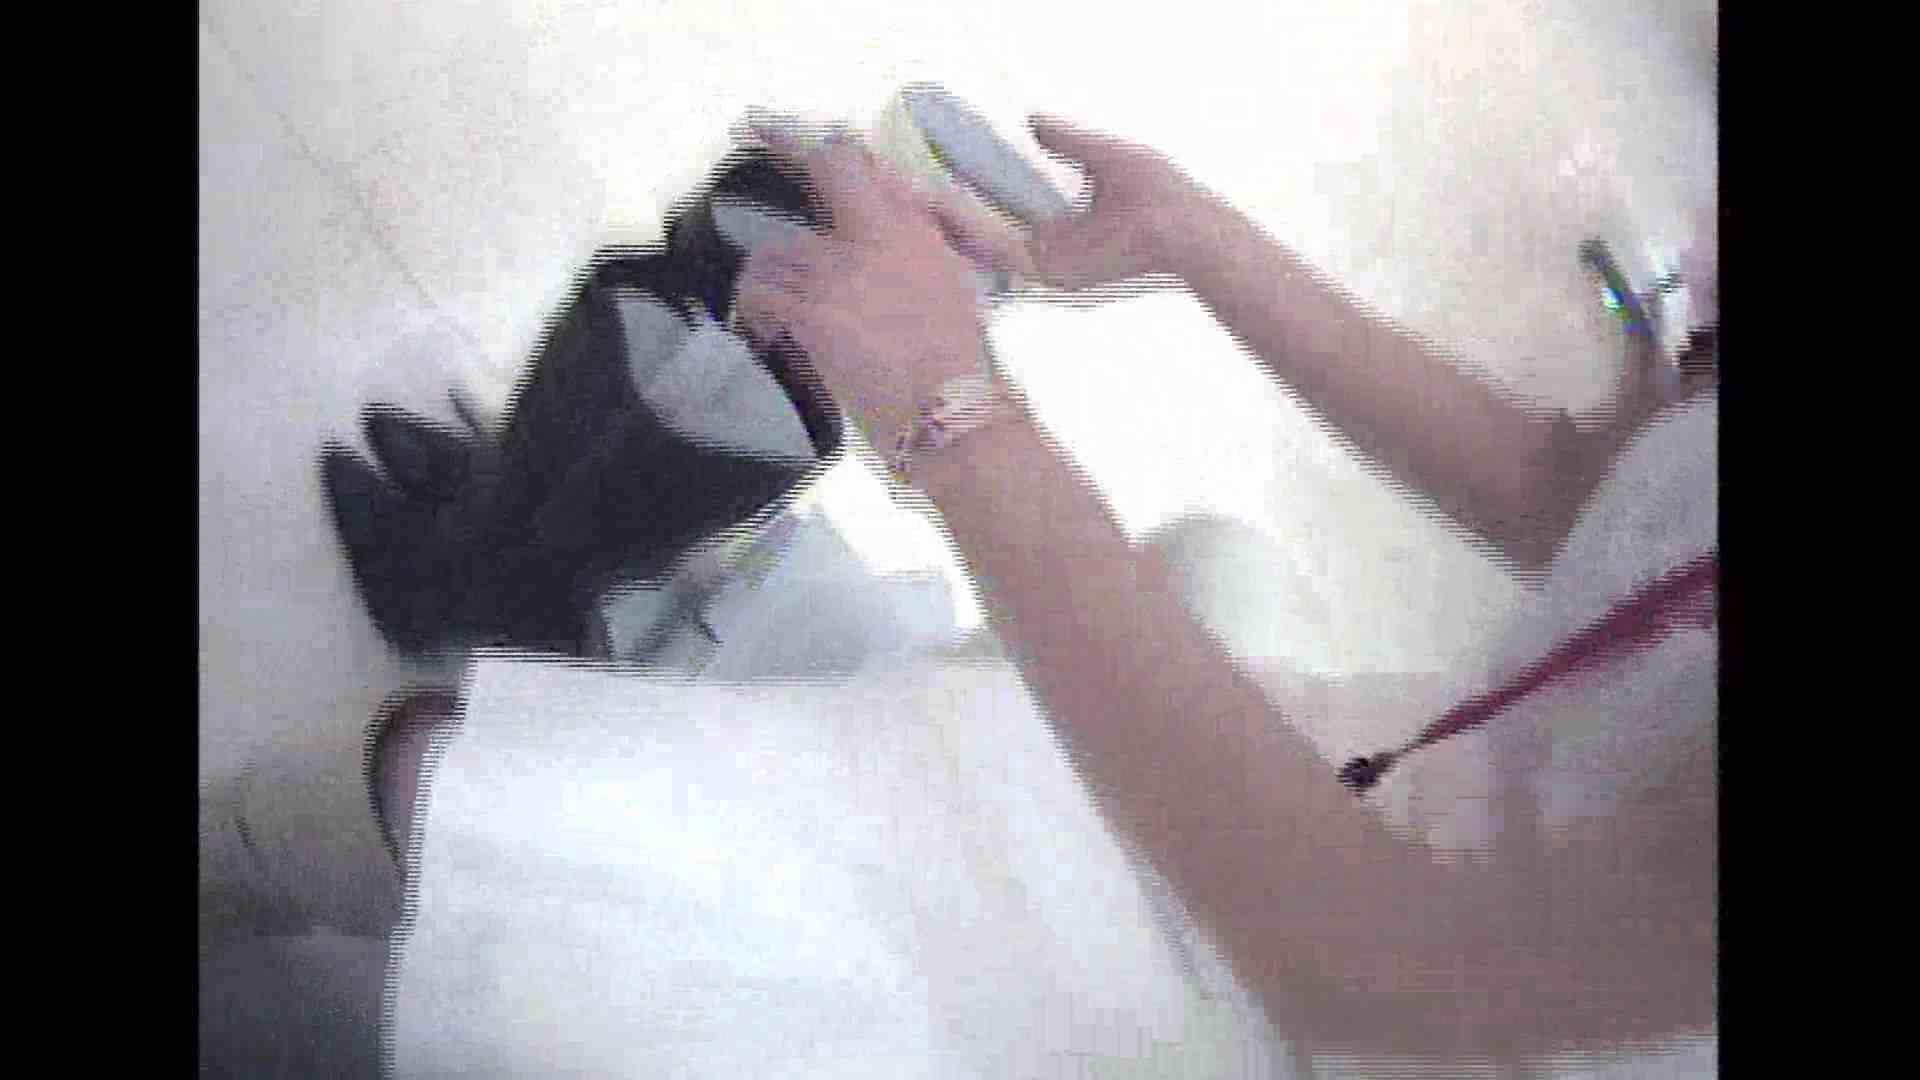 働く美女の谷間参拝 Vol.23 美女丸裸 アダルト動画キャプチャ 96pic 54